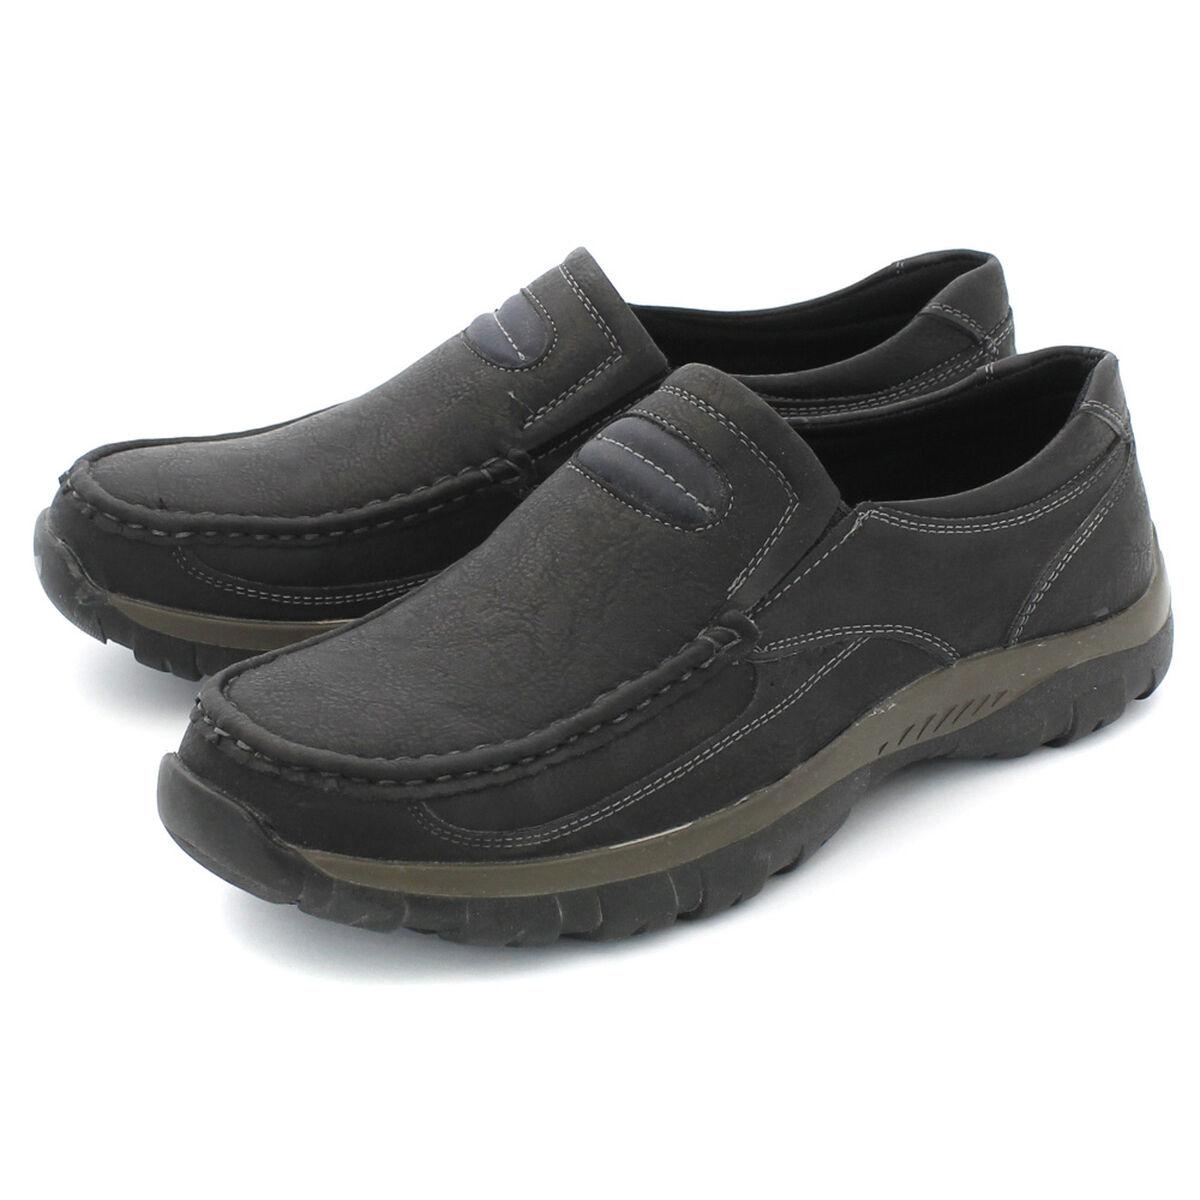 Zapato Hombre Franco Orselli Franc